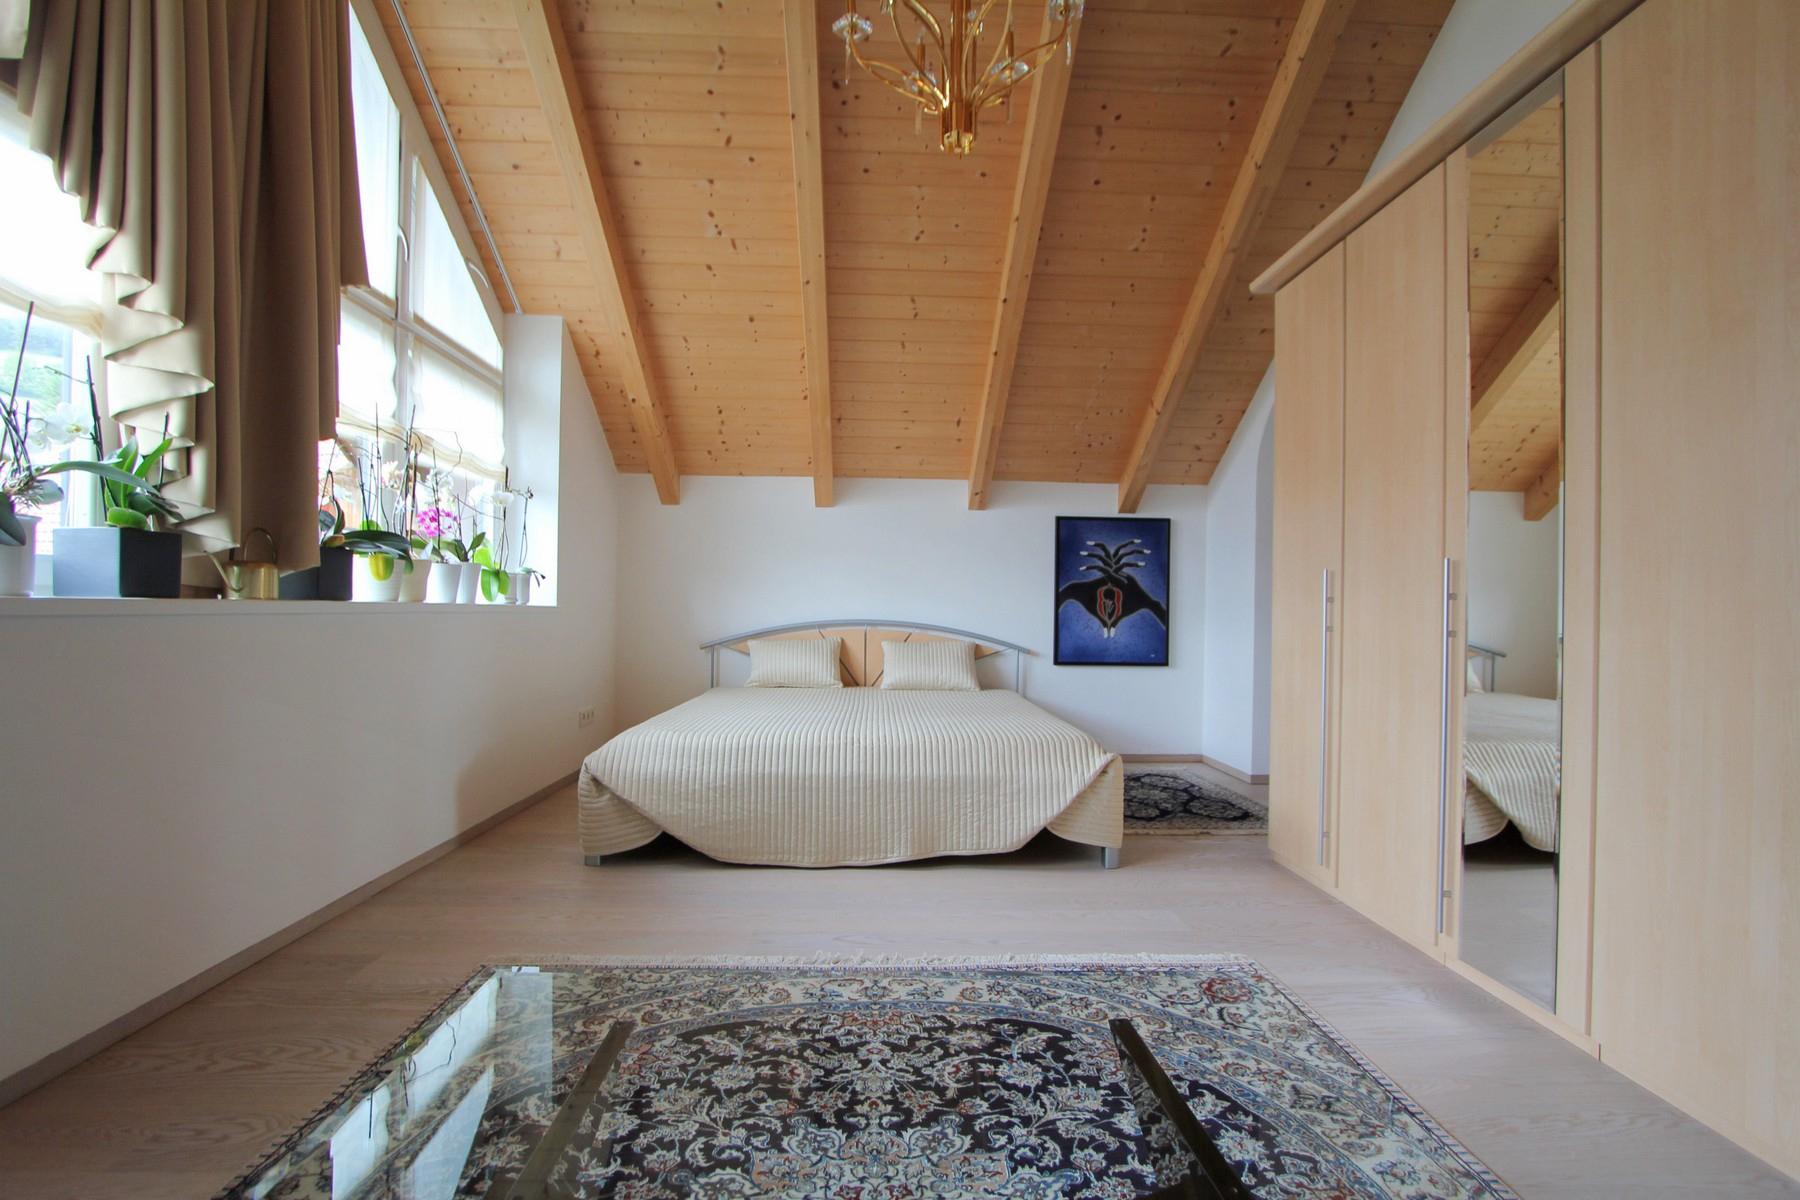 Villa in Vendita a Marebbe: 5 locali, 240 mq - Foto 9